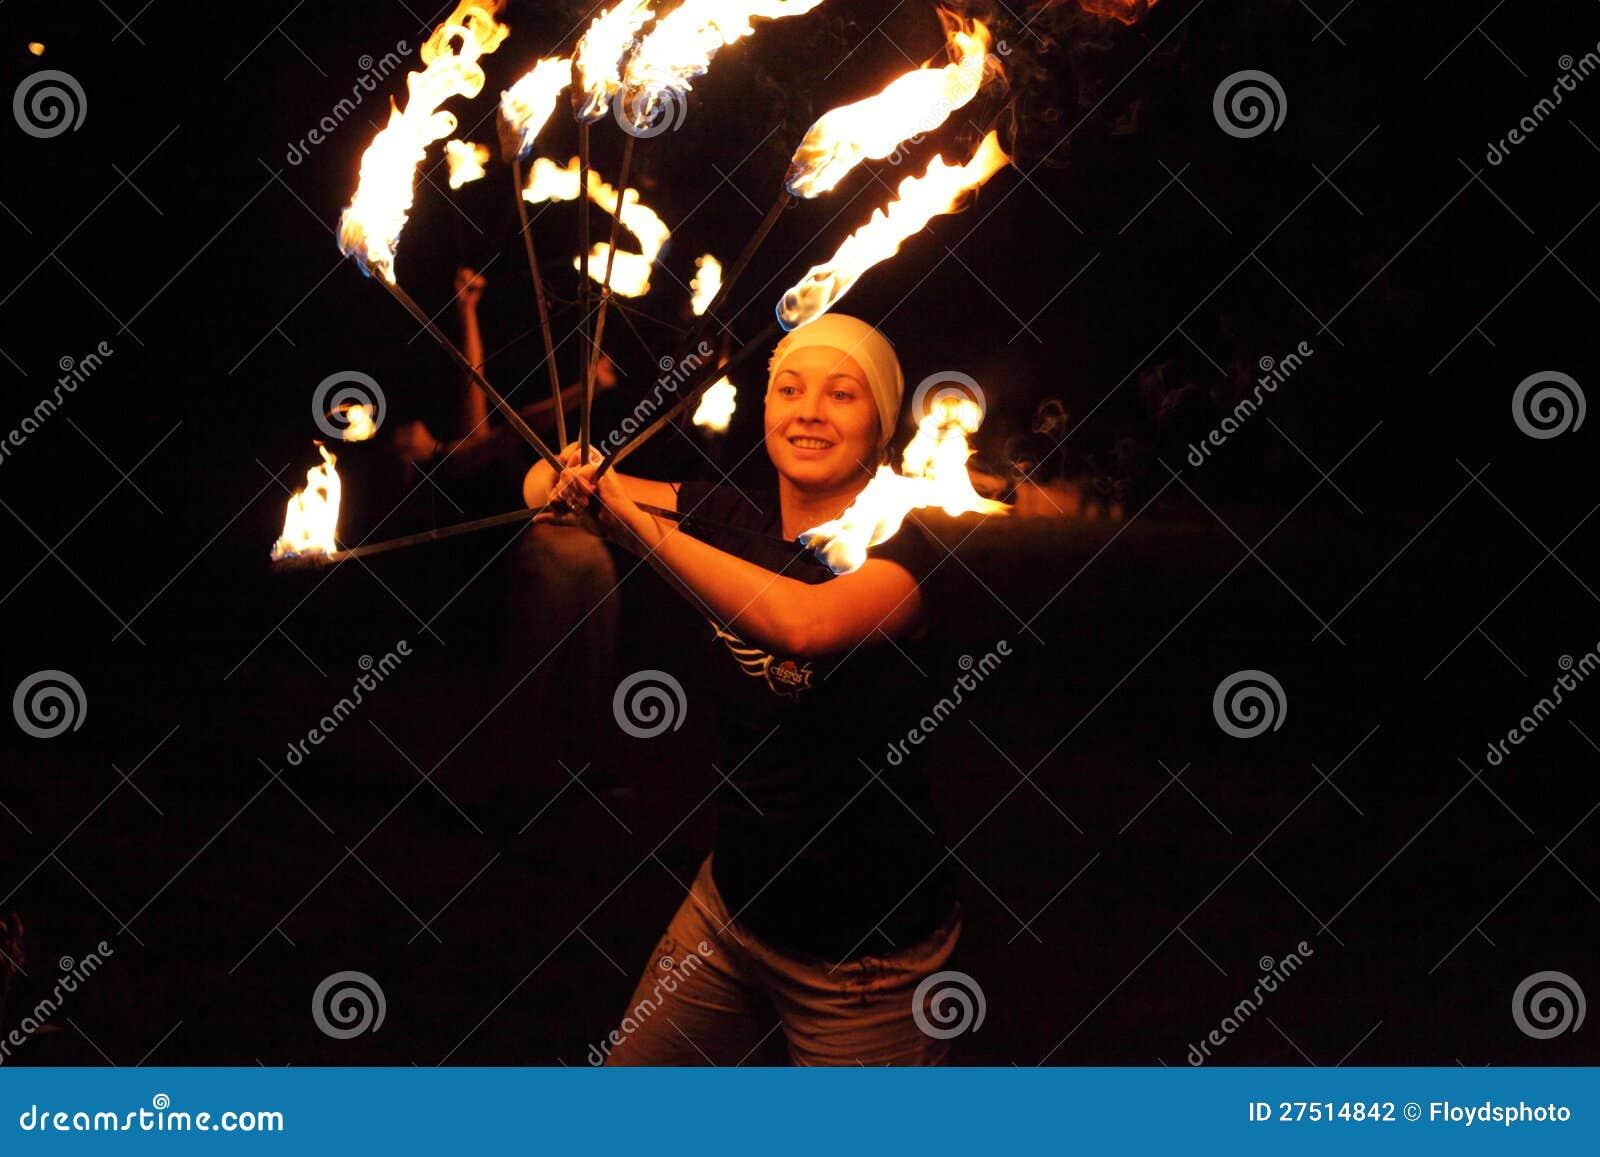 Ragazza felice del juggler che gioca con il fuoco